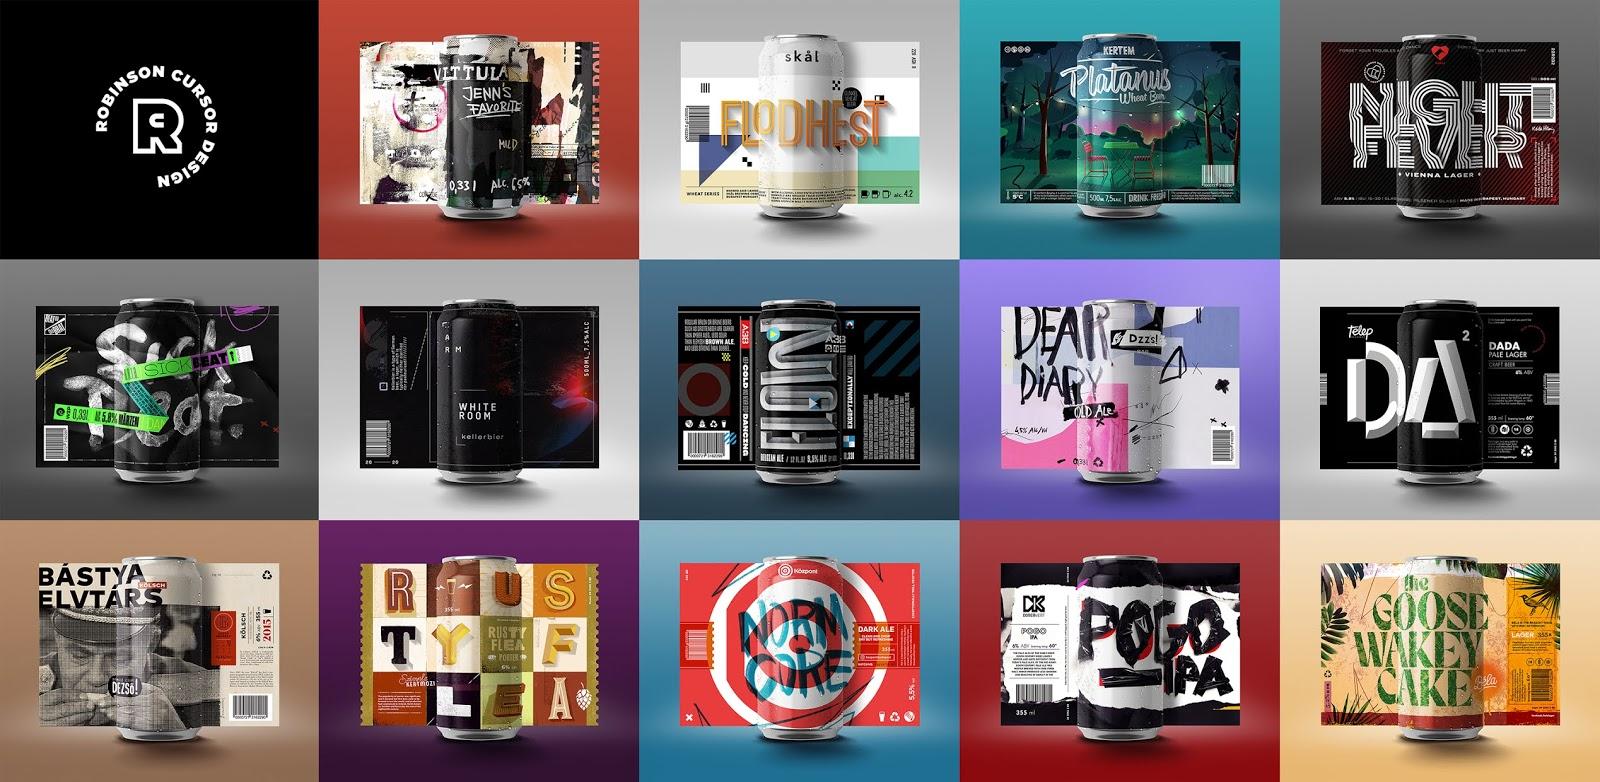 布达佩斯酒吧啤酒概念包装设计